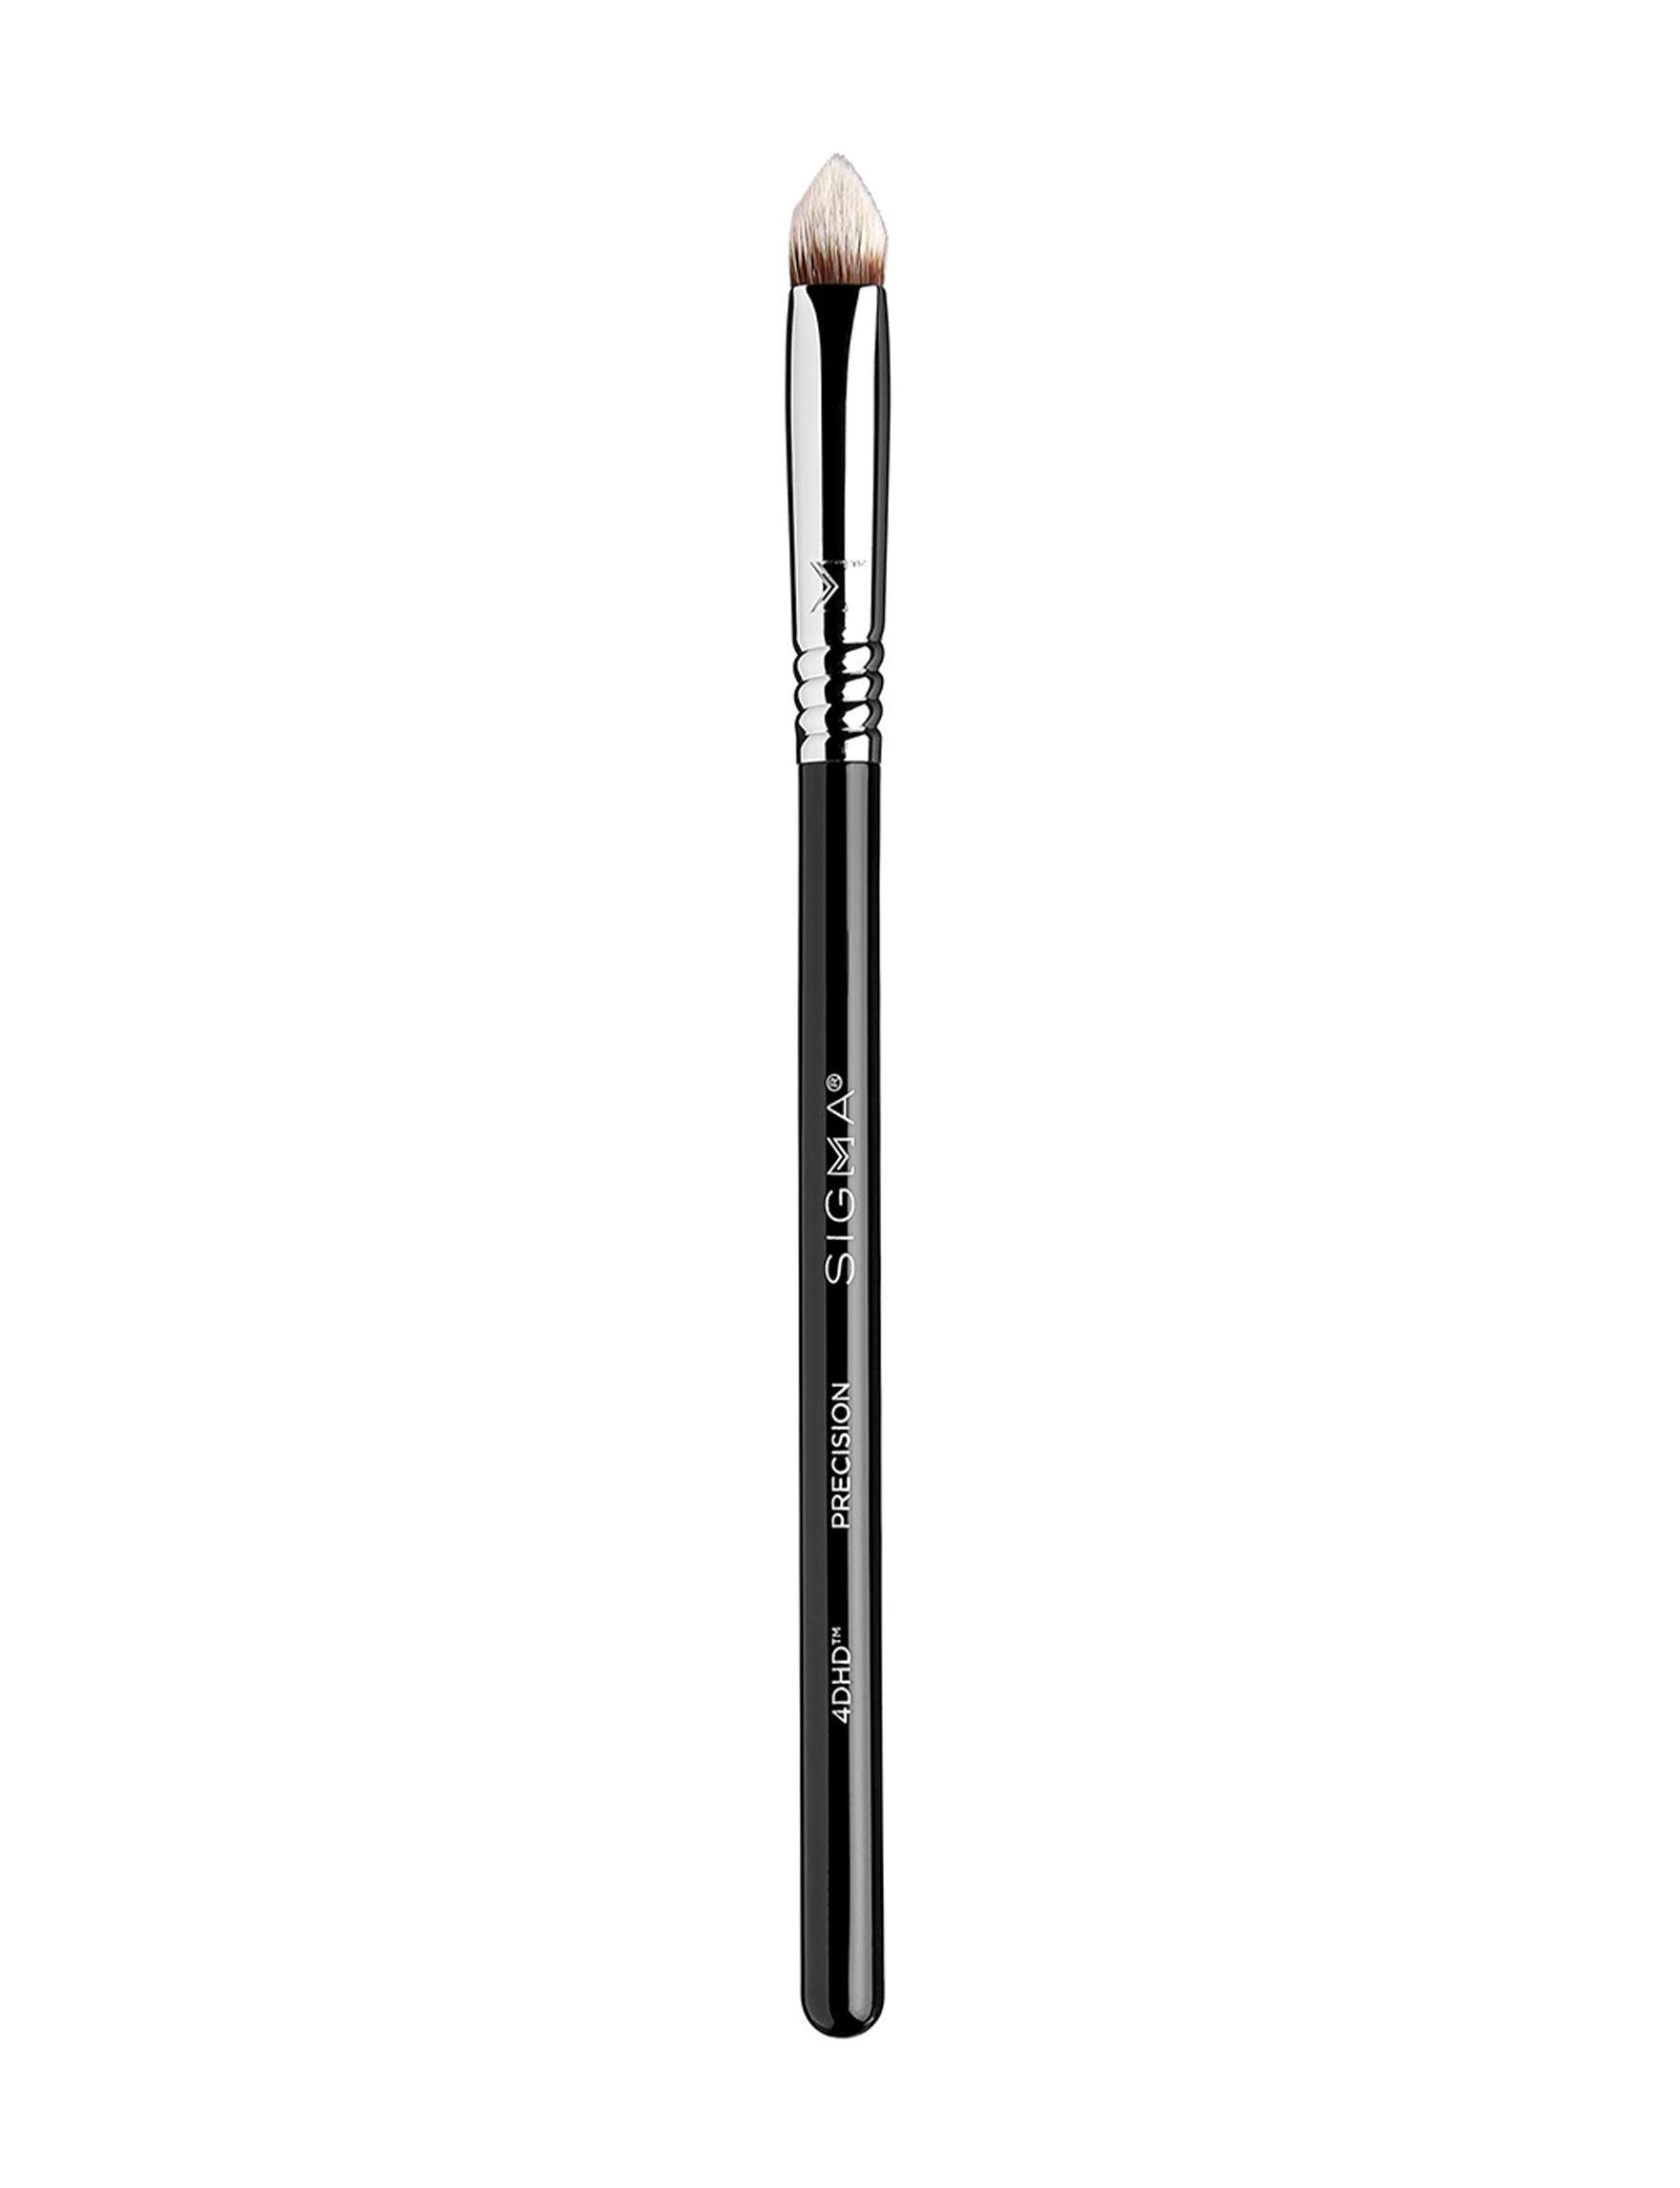 Sigma  Face Tools & Brushes Concealer Brushes Eyebrow & Eyelash Tools Eyeshadow Brushes